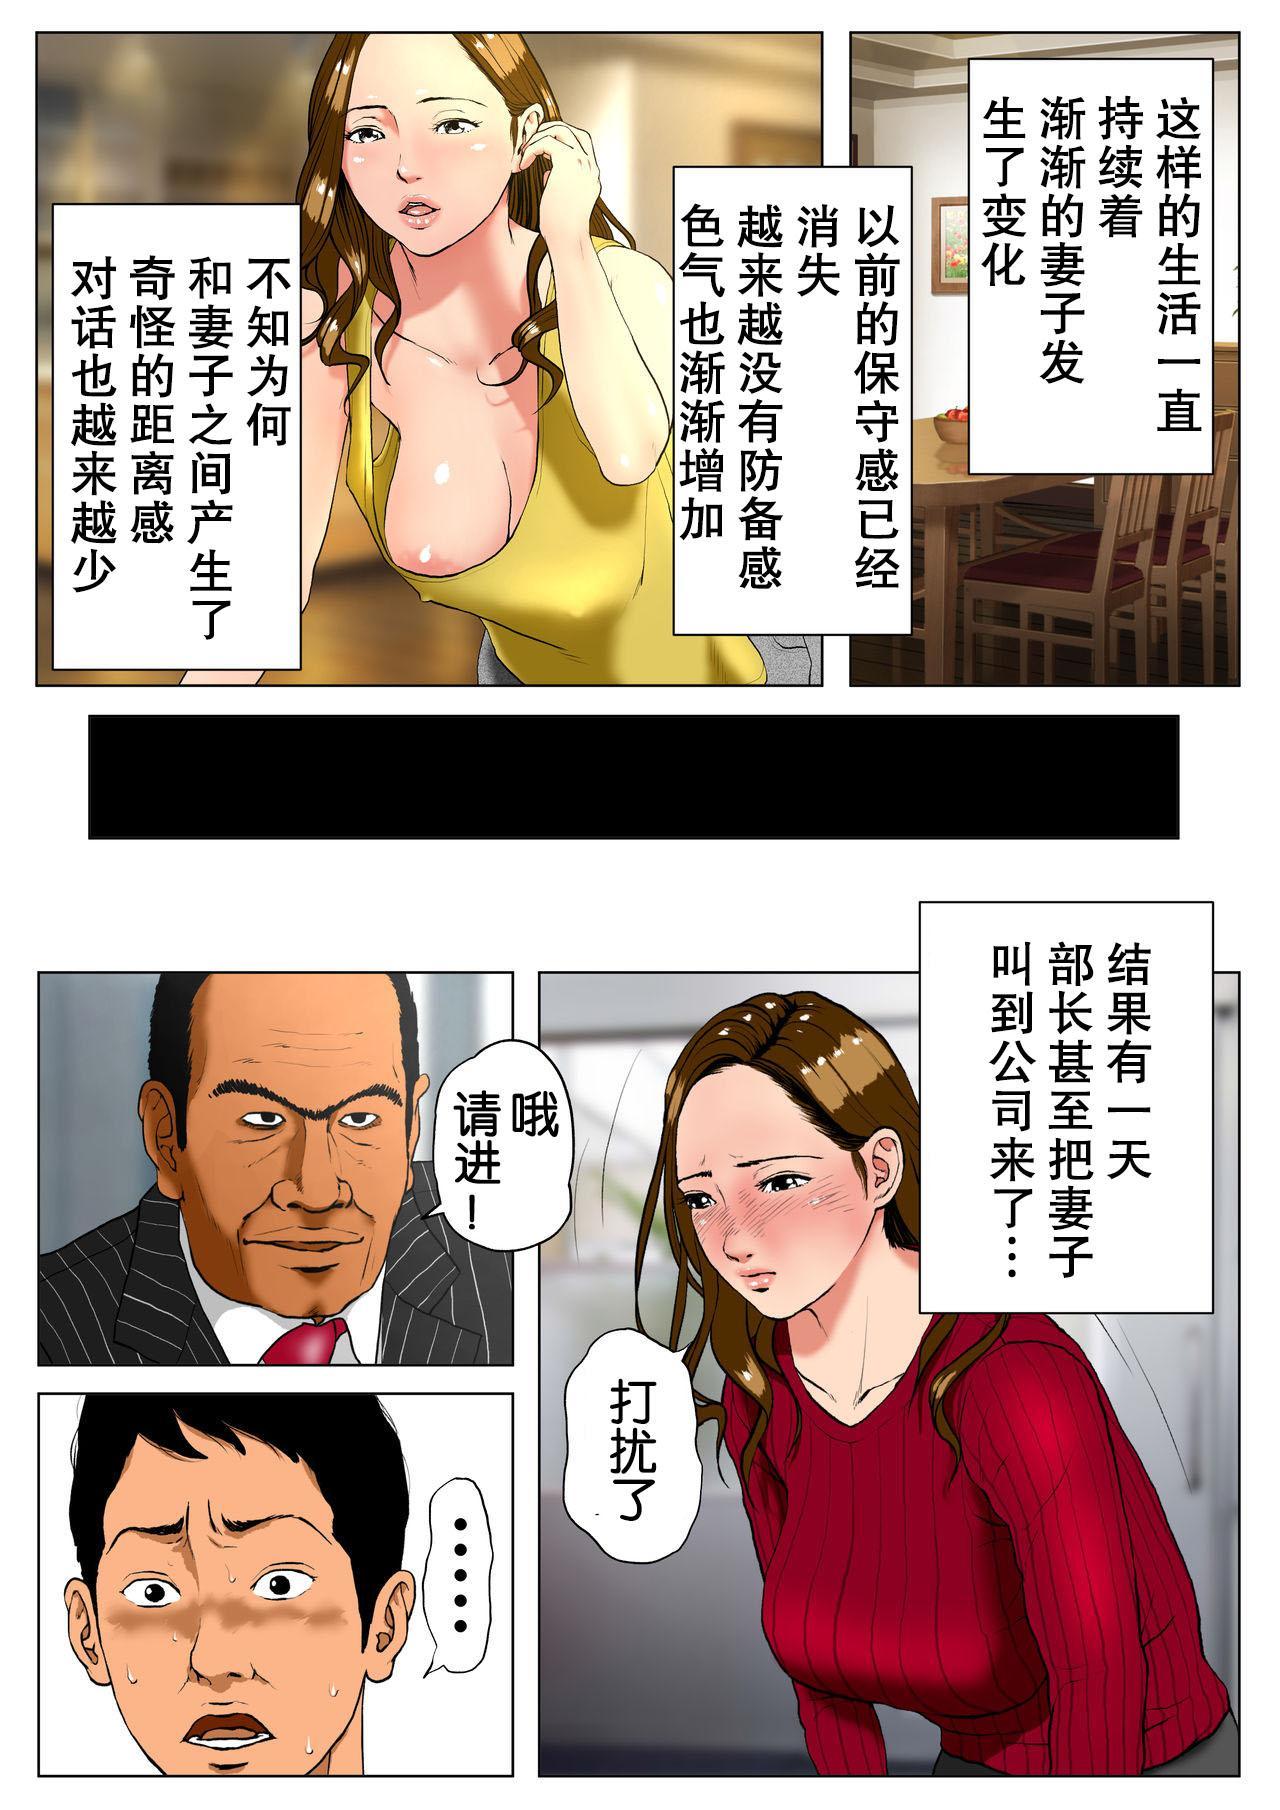 [W no Honnou] Shin, Boku no Tsuma to Kyokon no Moto AV Danyuu Buchou[Chinese]【不可视汉化】 74